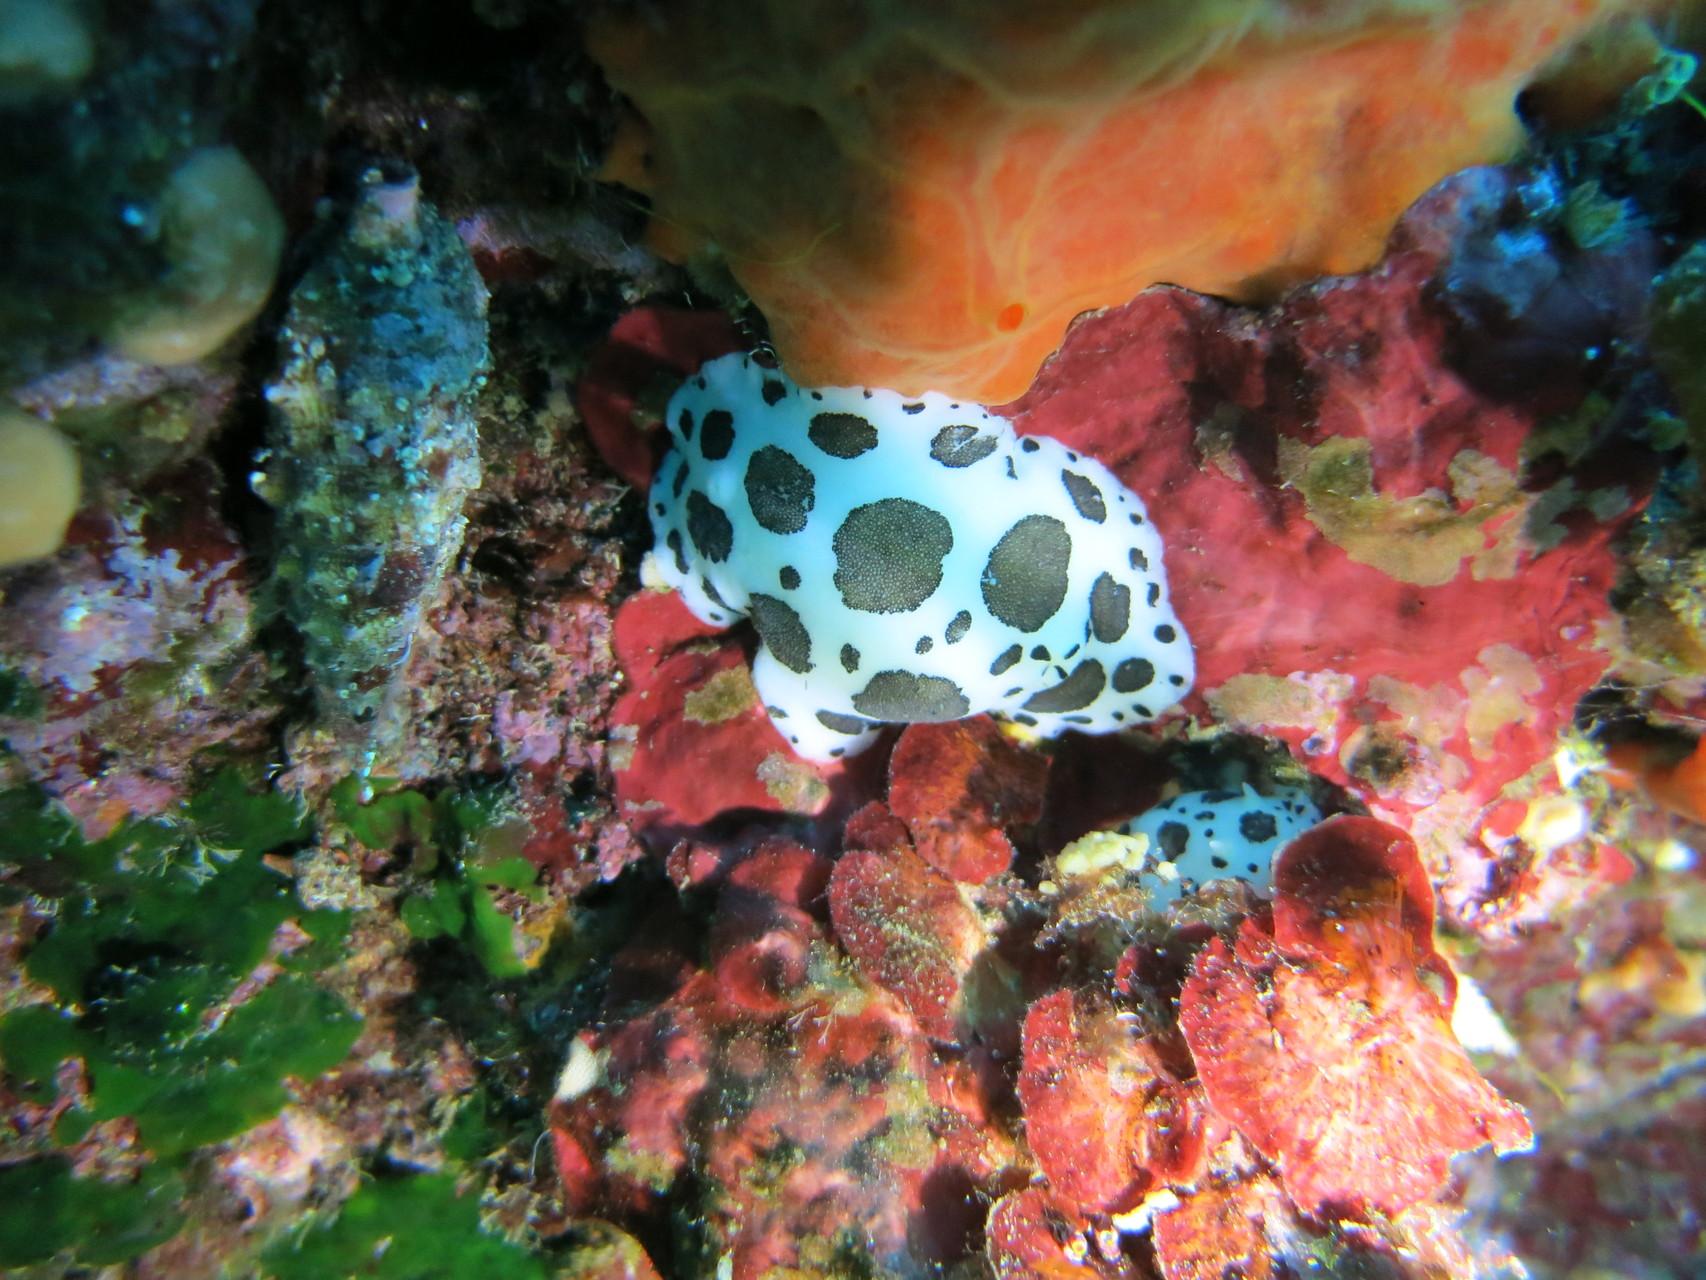 """Doris dalmatien """"Peltodoris atromaculata"""" Mollusques La Ciotat. Crédit : Jean-Luc Beaud"""